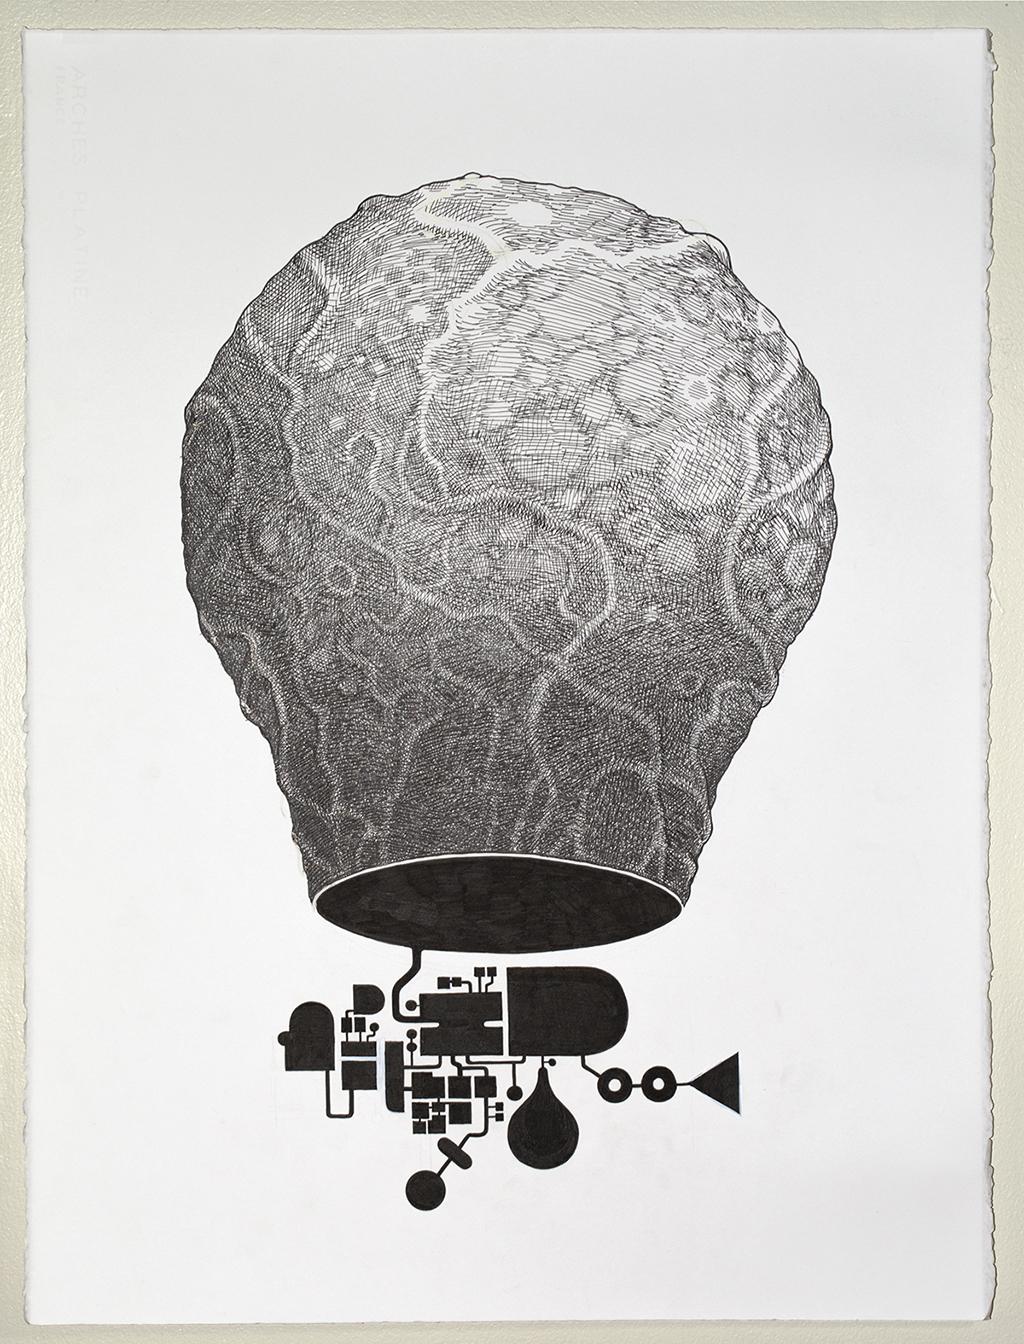 Untitled (Balloon)